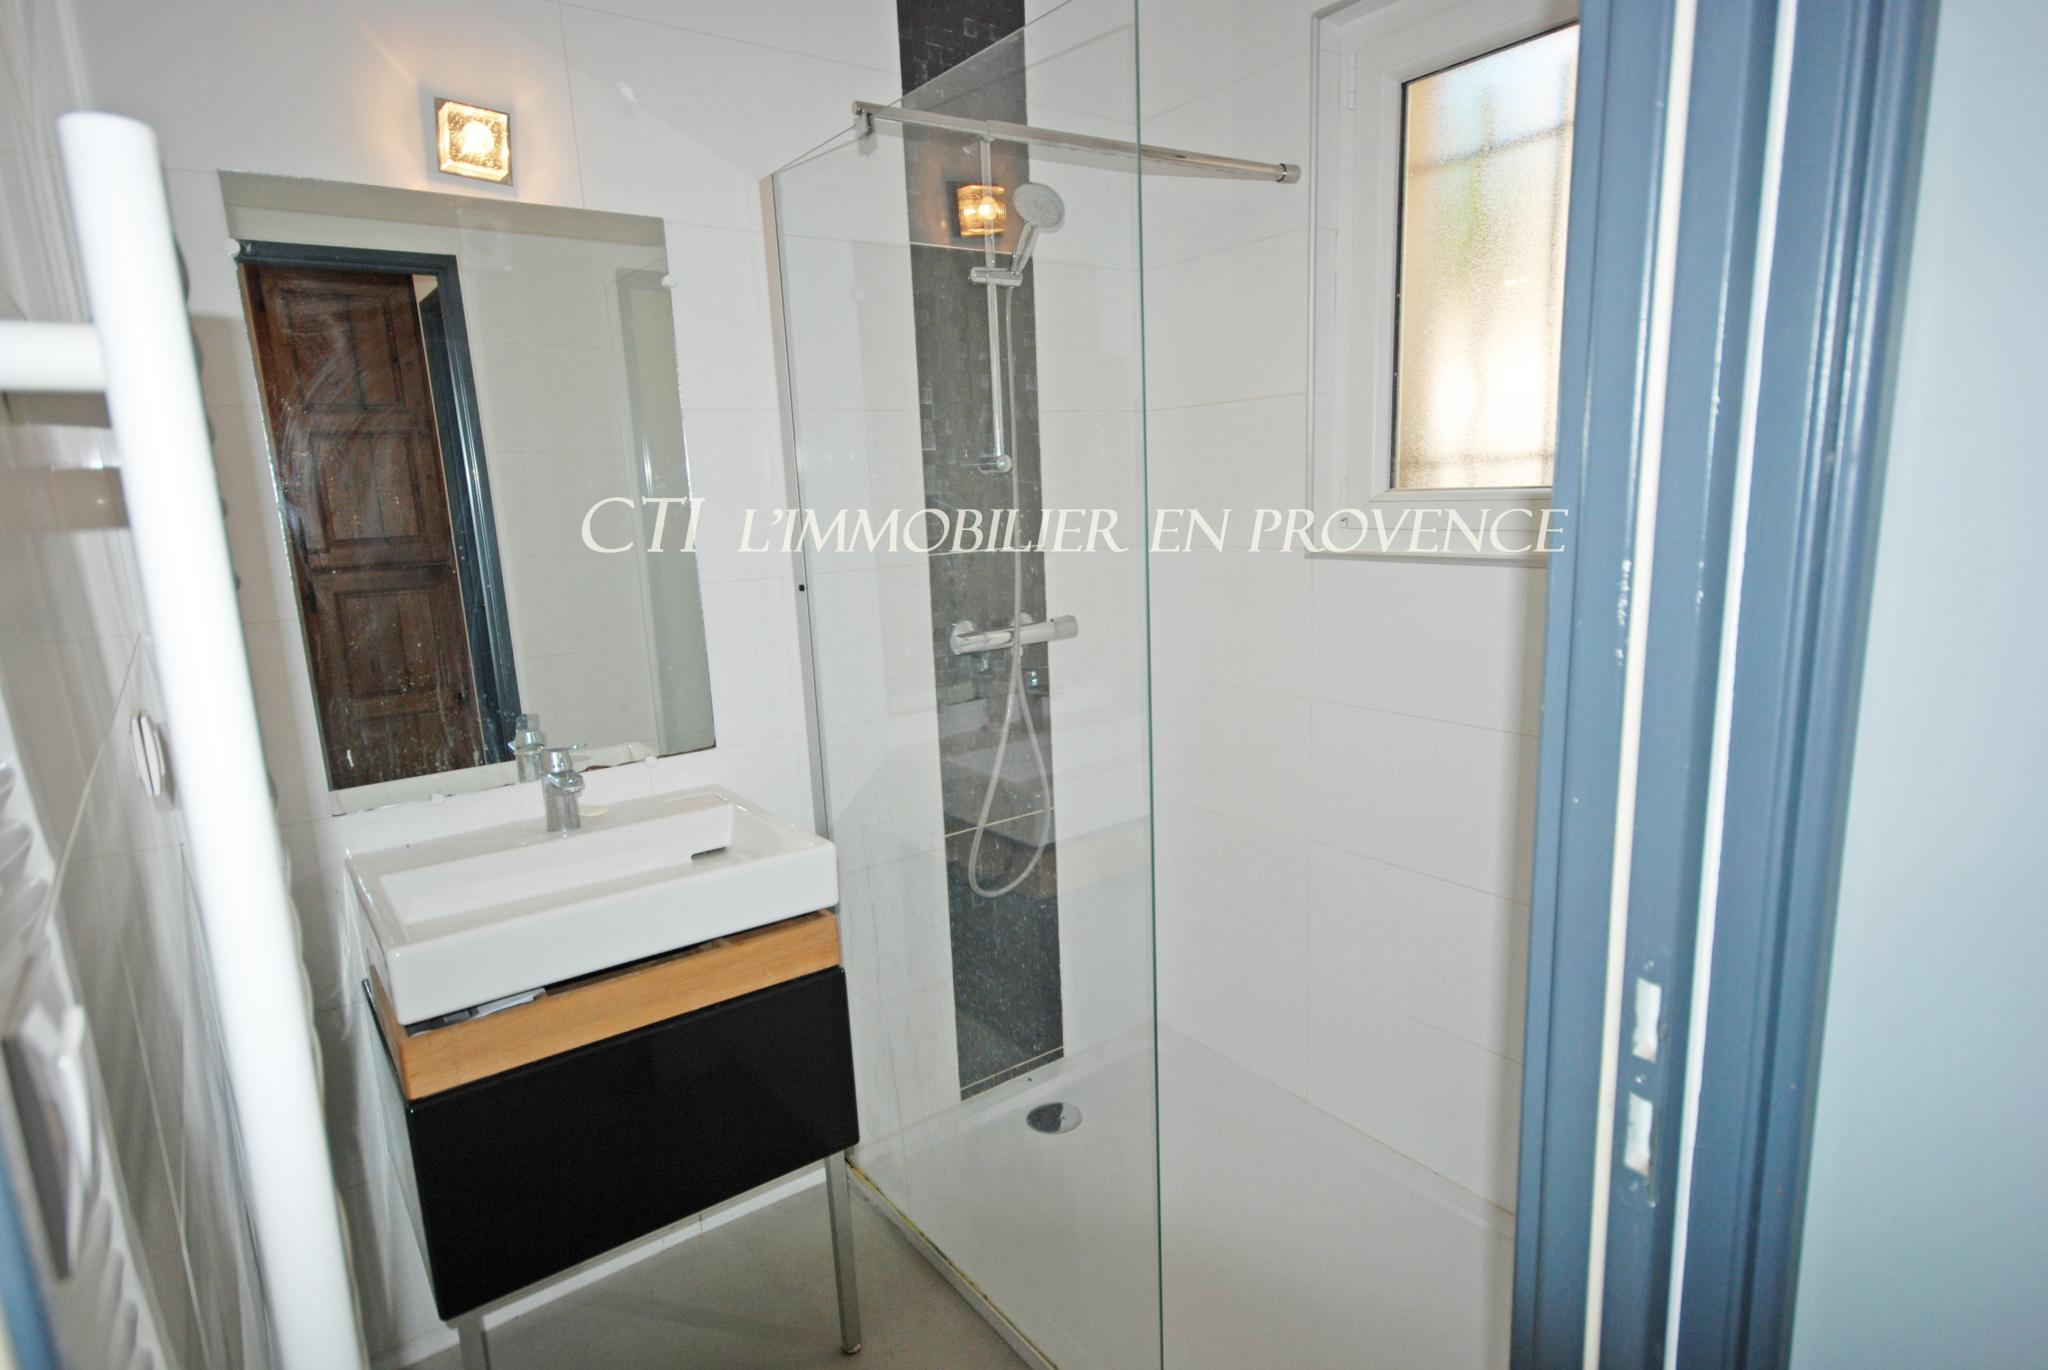 0 A VENDRE www.cti-provence.net VILLA JARDIN PROCHE CENTRE VILLE VAISON-LA-ROMAINE GARAGE 4 CHAMBRES